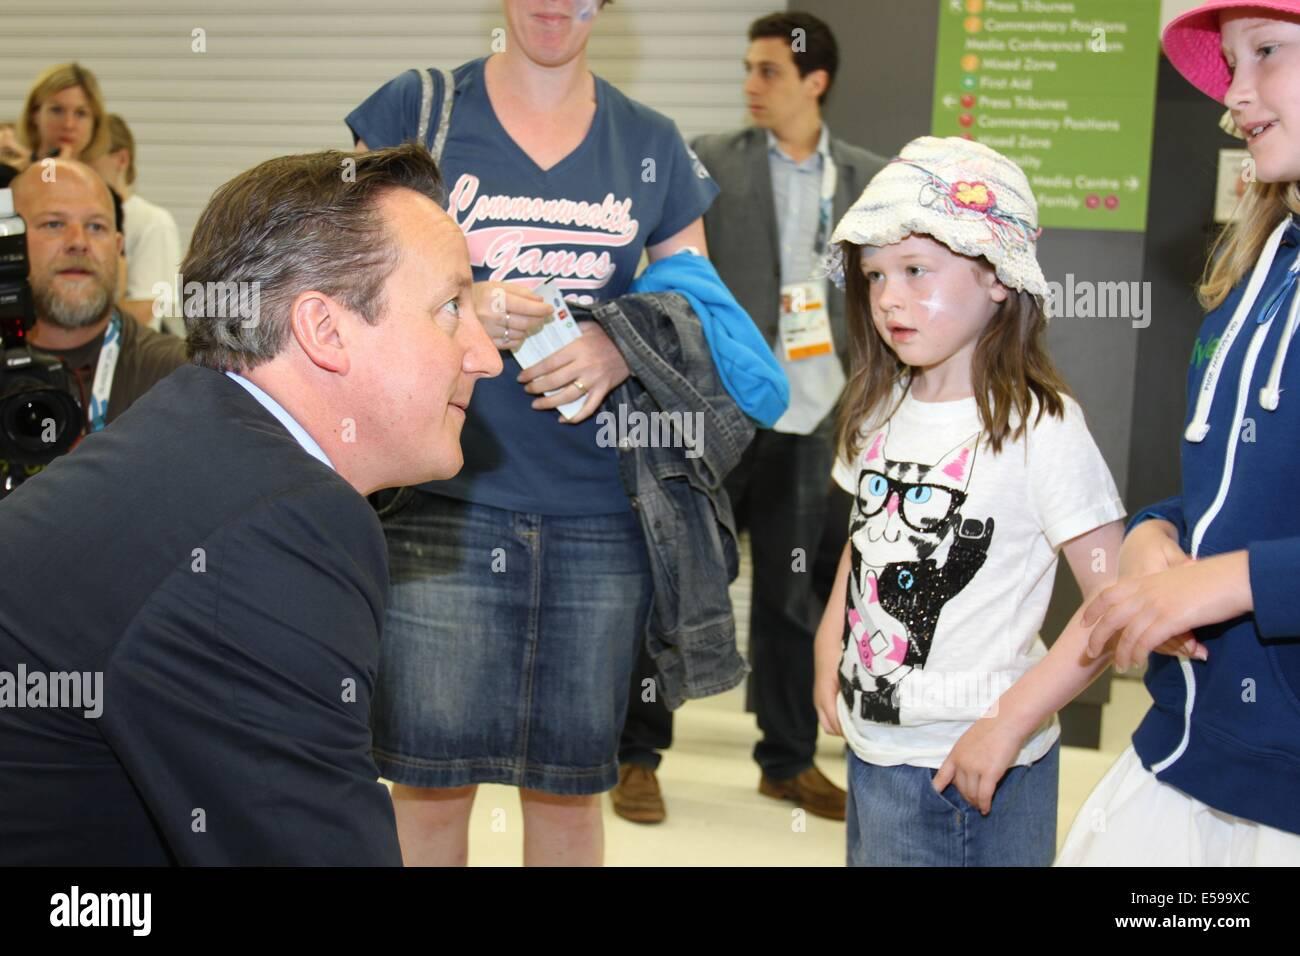 Glasgow, Schottland. 24. Juli 2014. Der britische Premierminister David Cameron besucht das Sir Chris Hoy Velodrom um die erste Sitzung des Titels zu sehen Radsport und Athleten und freiwilligen Kredit erfüllen: Neville Stile/Alamy Live News Stockfoto